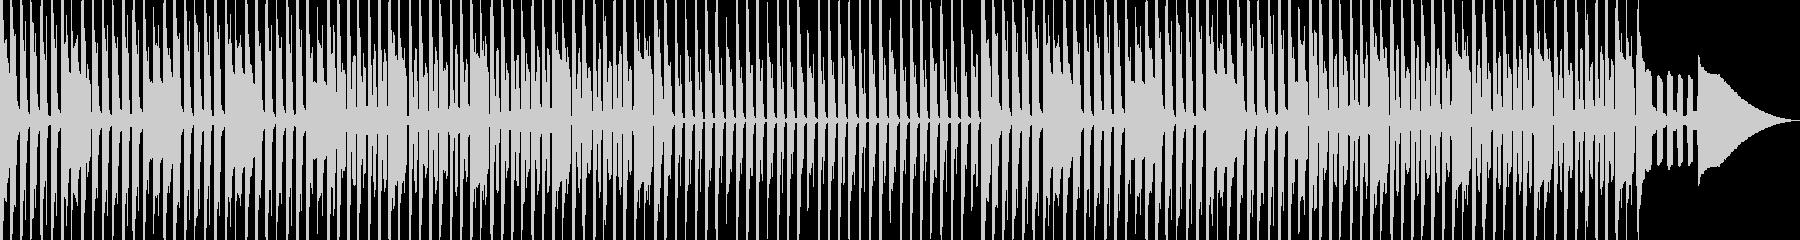 リコーダーとベルのほのぼのとした曲の未再生の波形